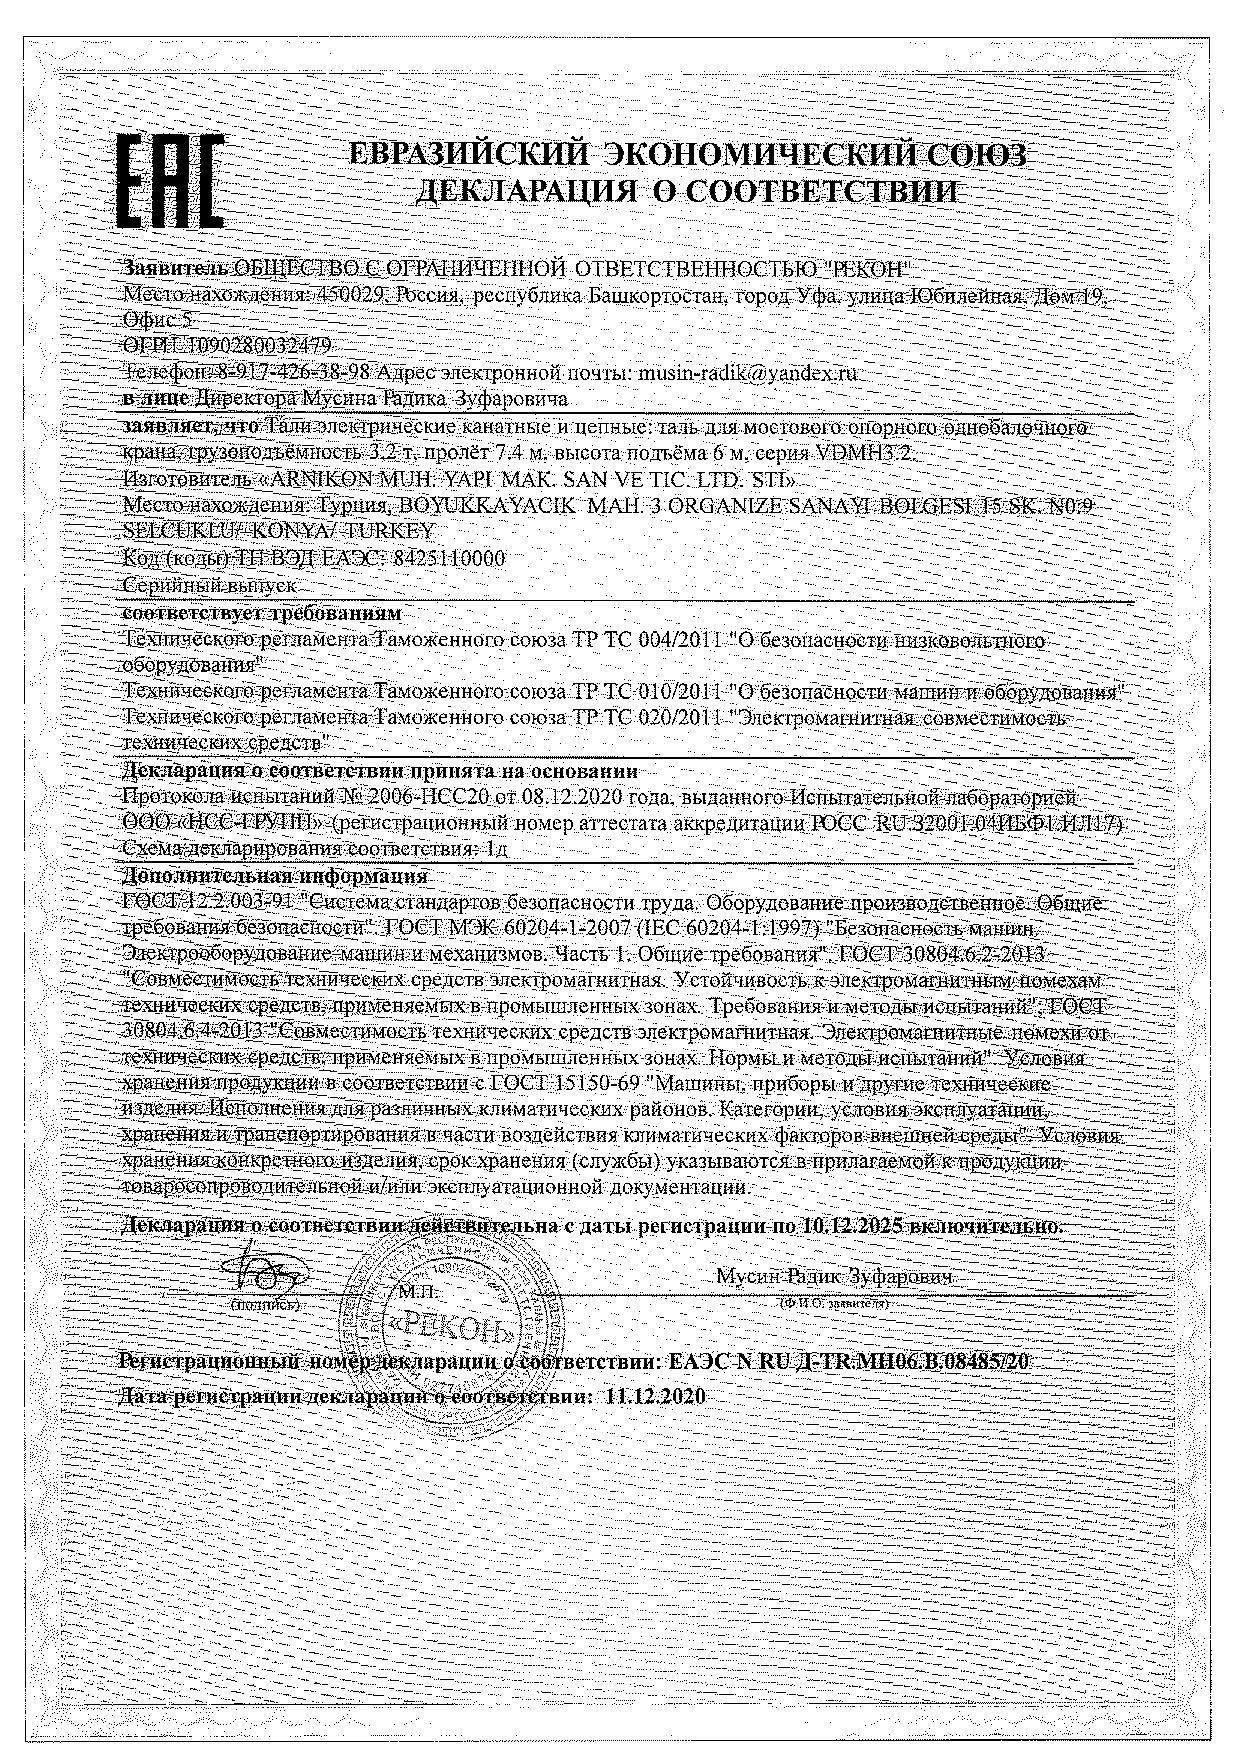 Декларация о соответсвии таль VDMH 3.2